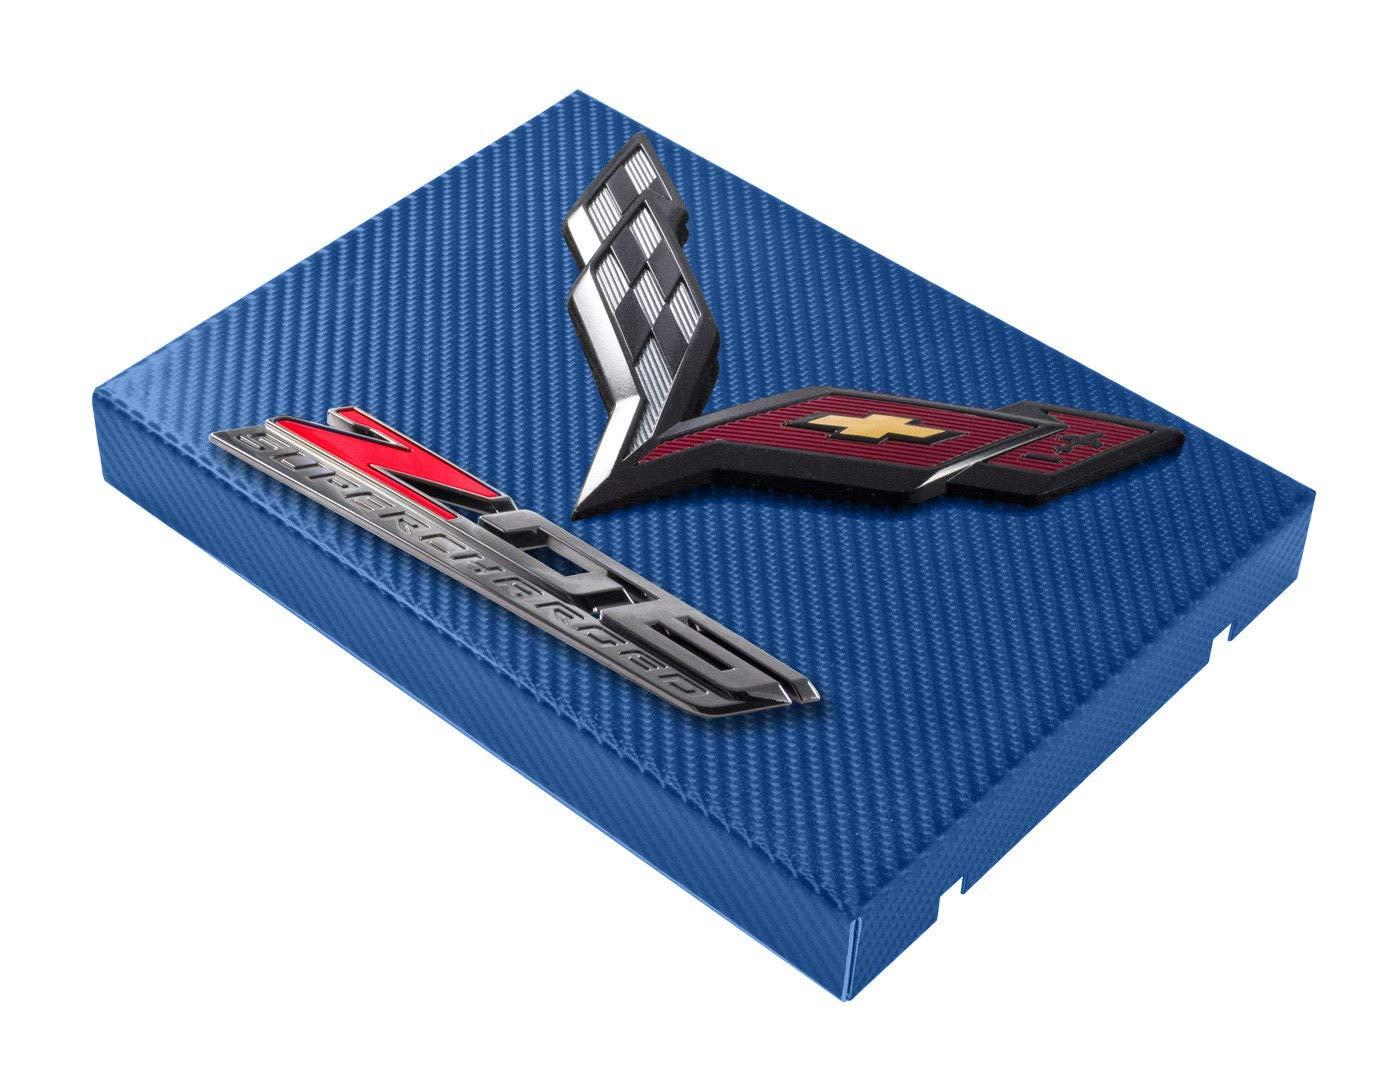 C7 Corvette Blue Carbon Fiber Wrapped Fuse Box Cover Black Flags /& Z06